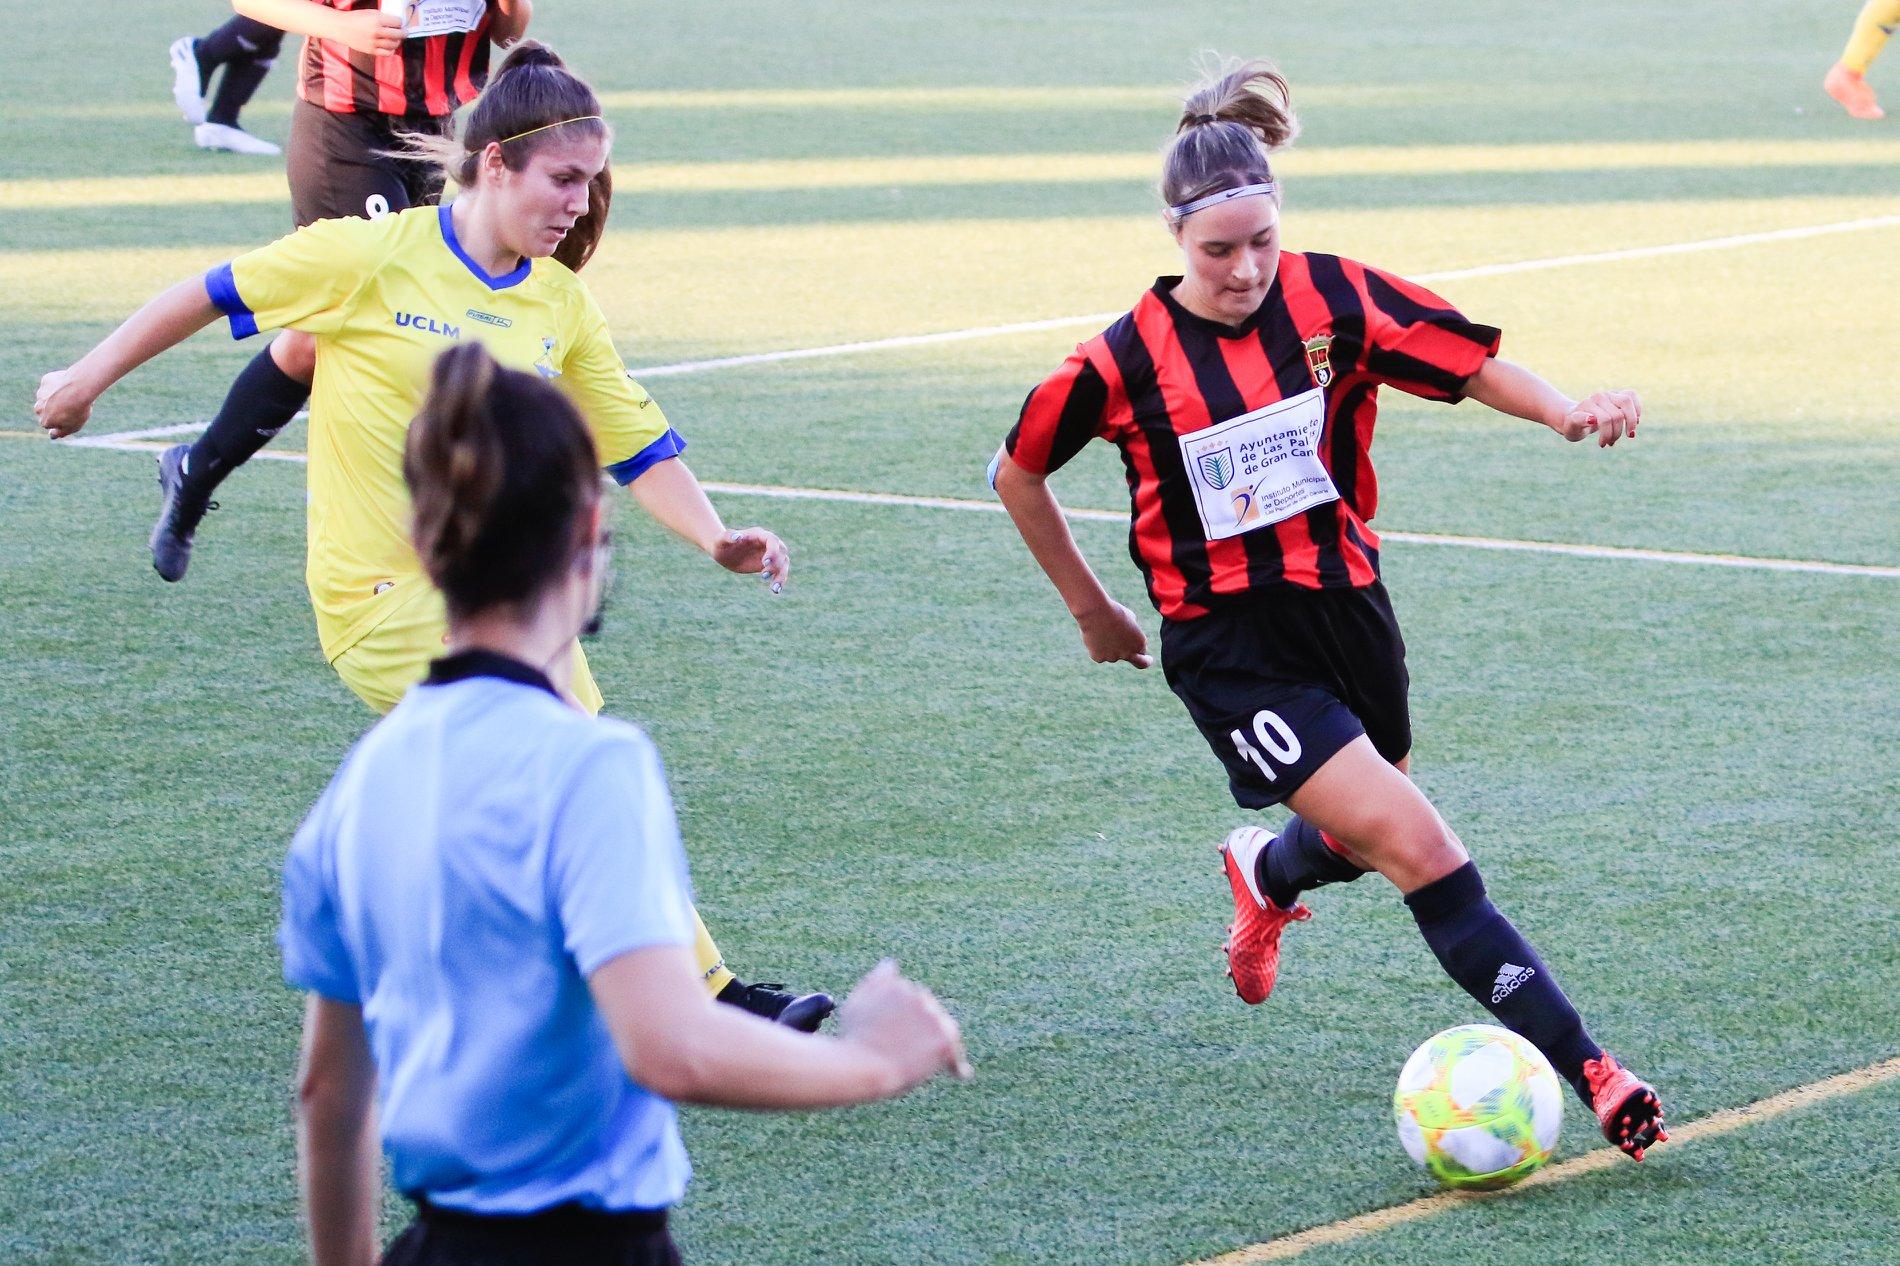 FF LA SOLANA 1 - U. VIERA FEMENINO 0